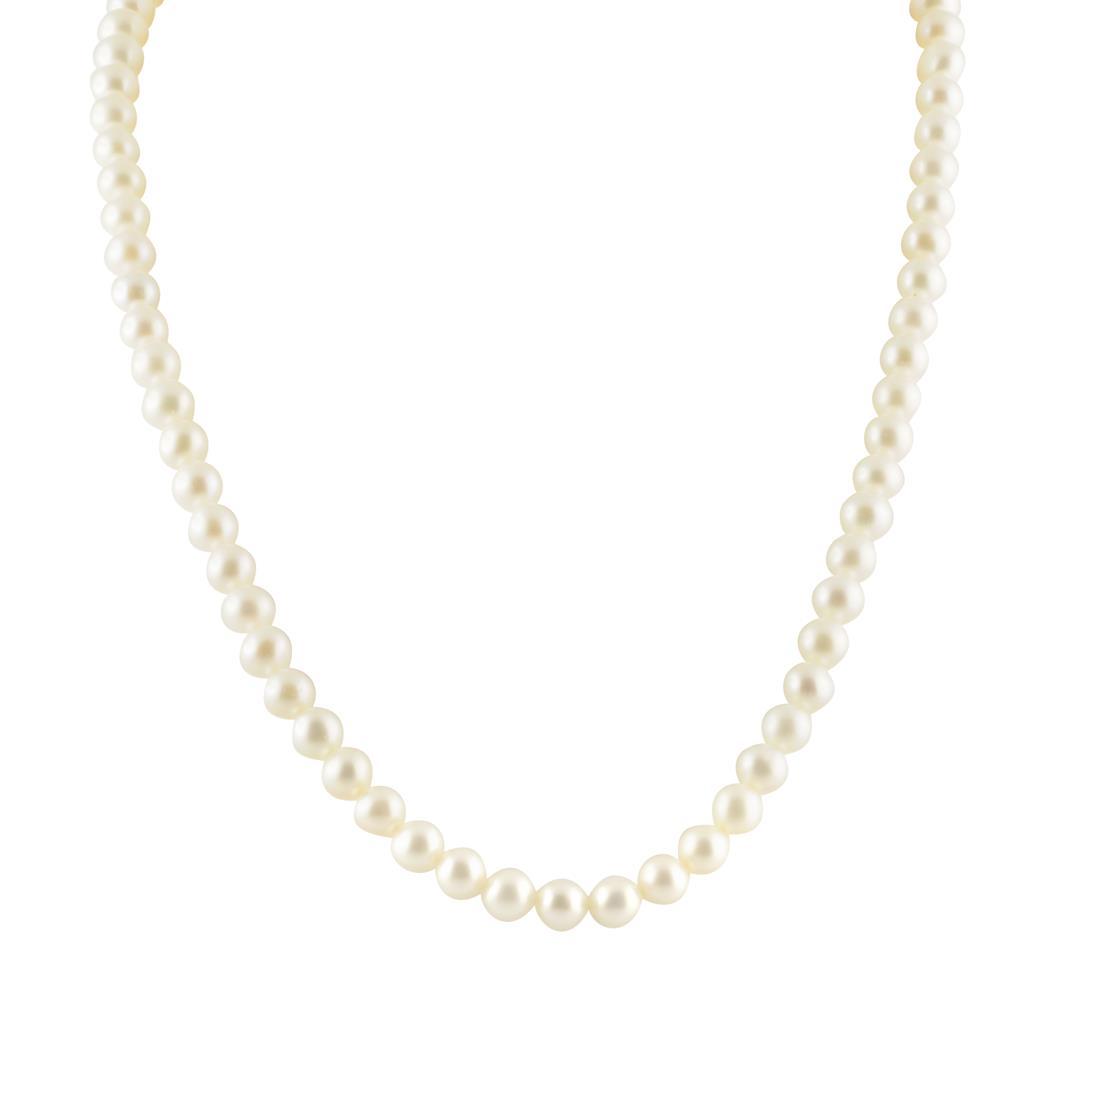 Collana di perle Freshwater in oro, lunghezza 42 cm - ORO&CO